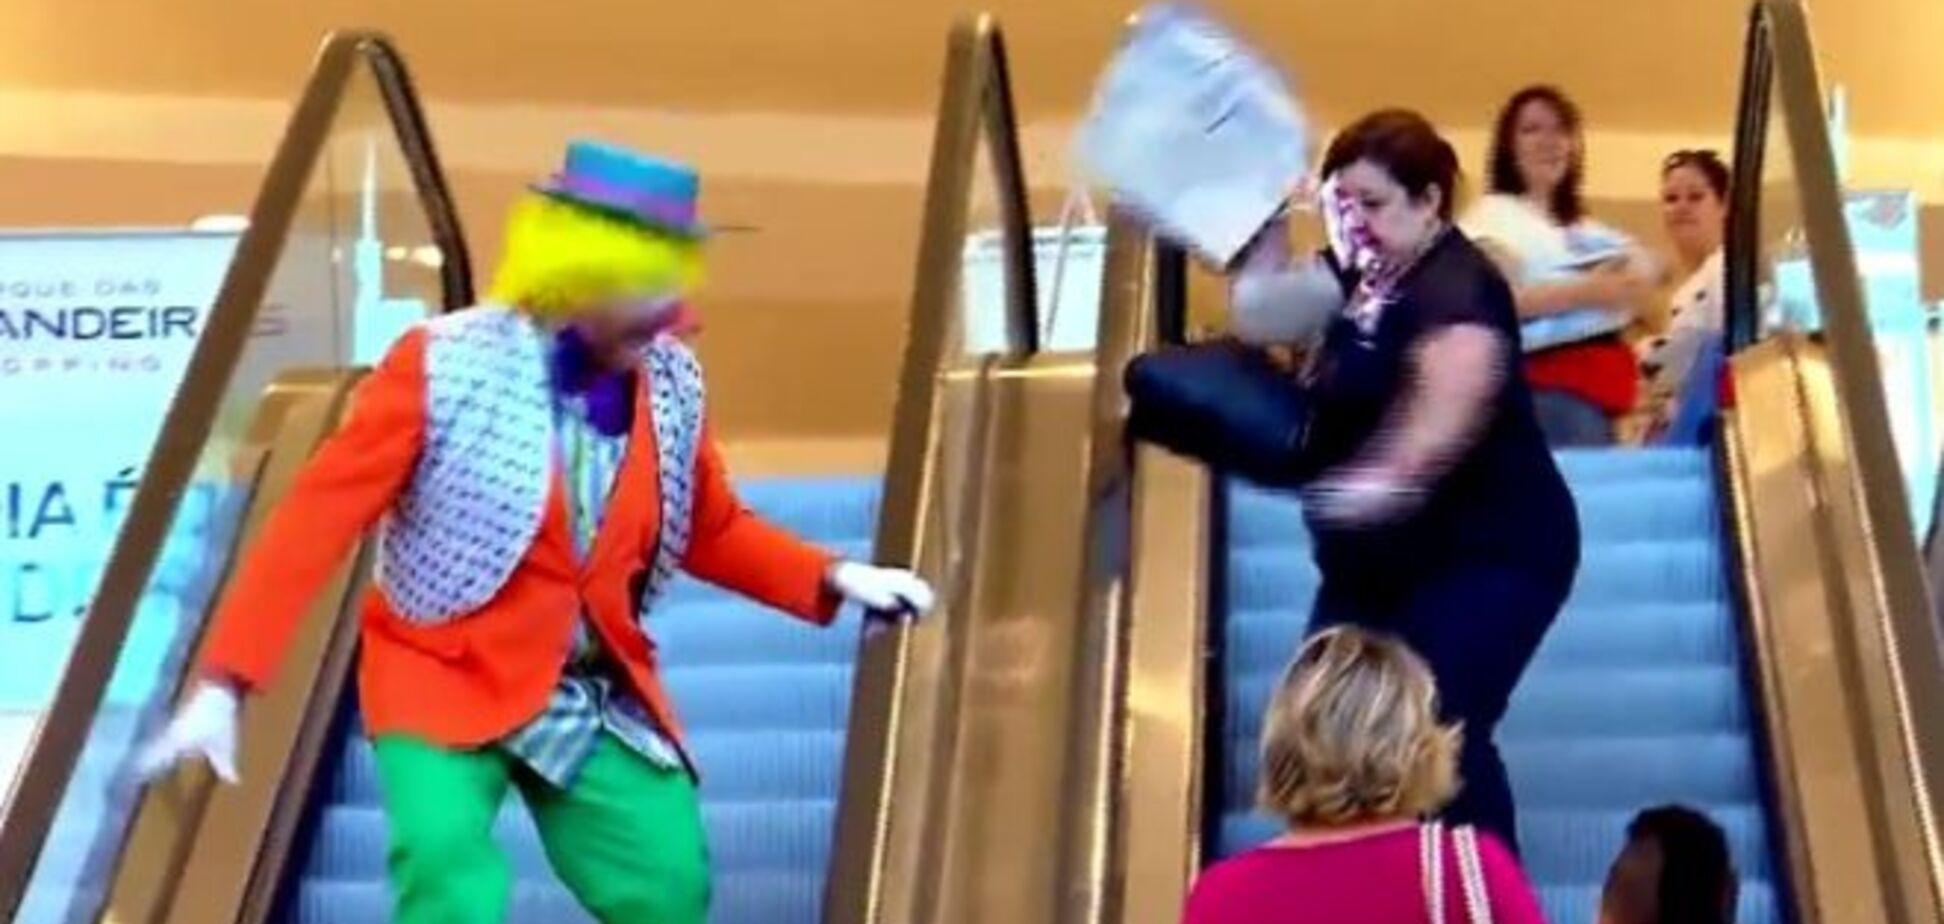 У Бразилії клоун жорстоко 'пожартував' над жінкою. Опубліковано відео